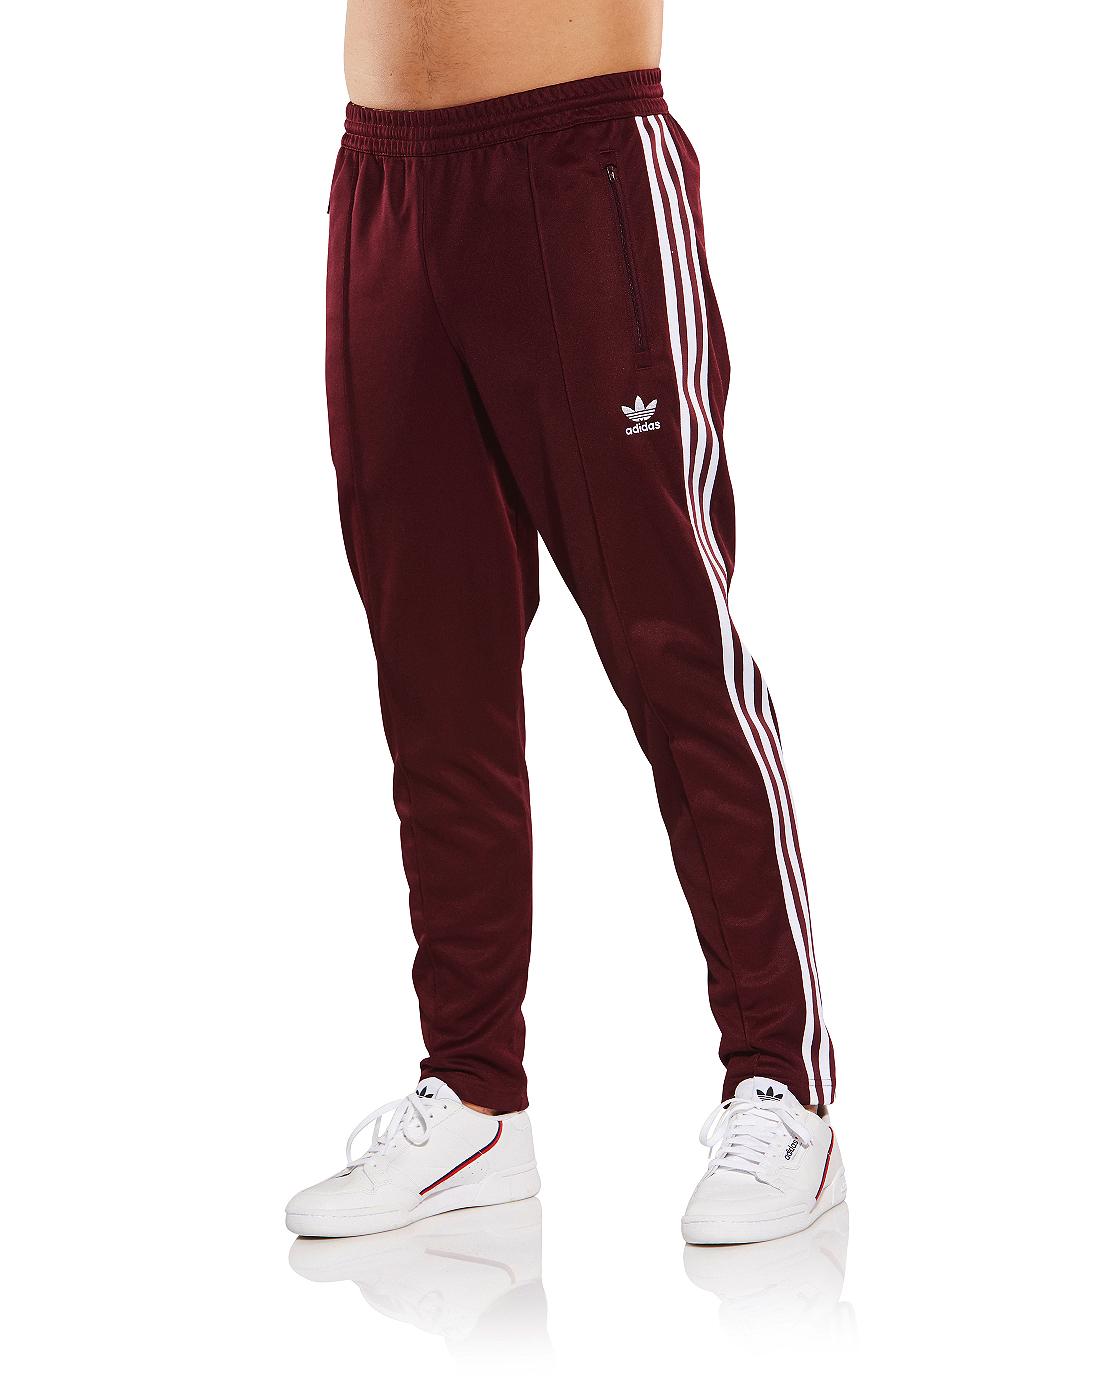 adidas Originals. Mens Beckenbauer Pant. Mens Beckenbauer Pant ... 33baee654